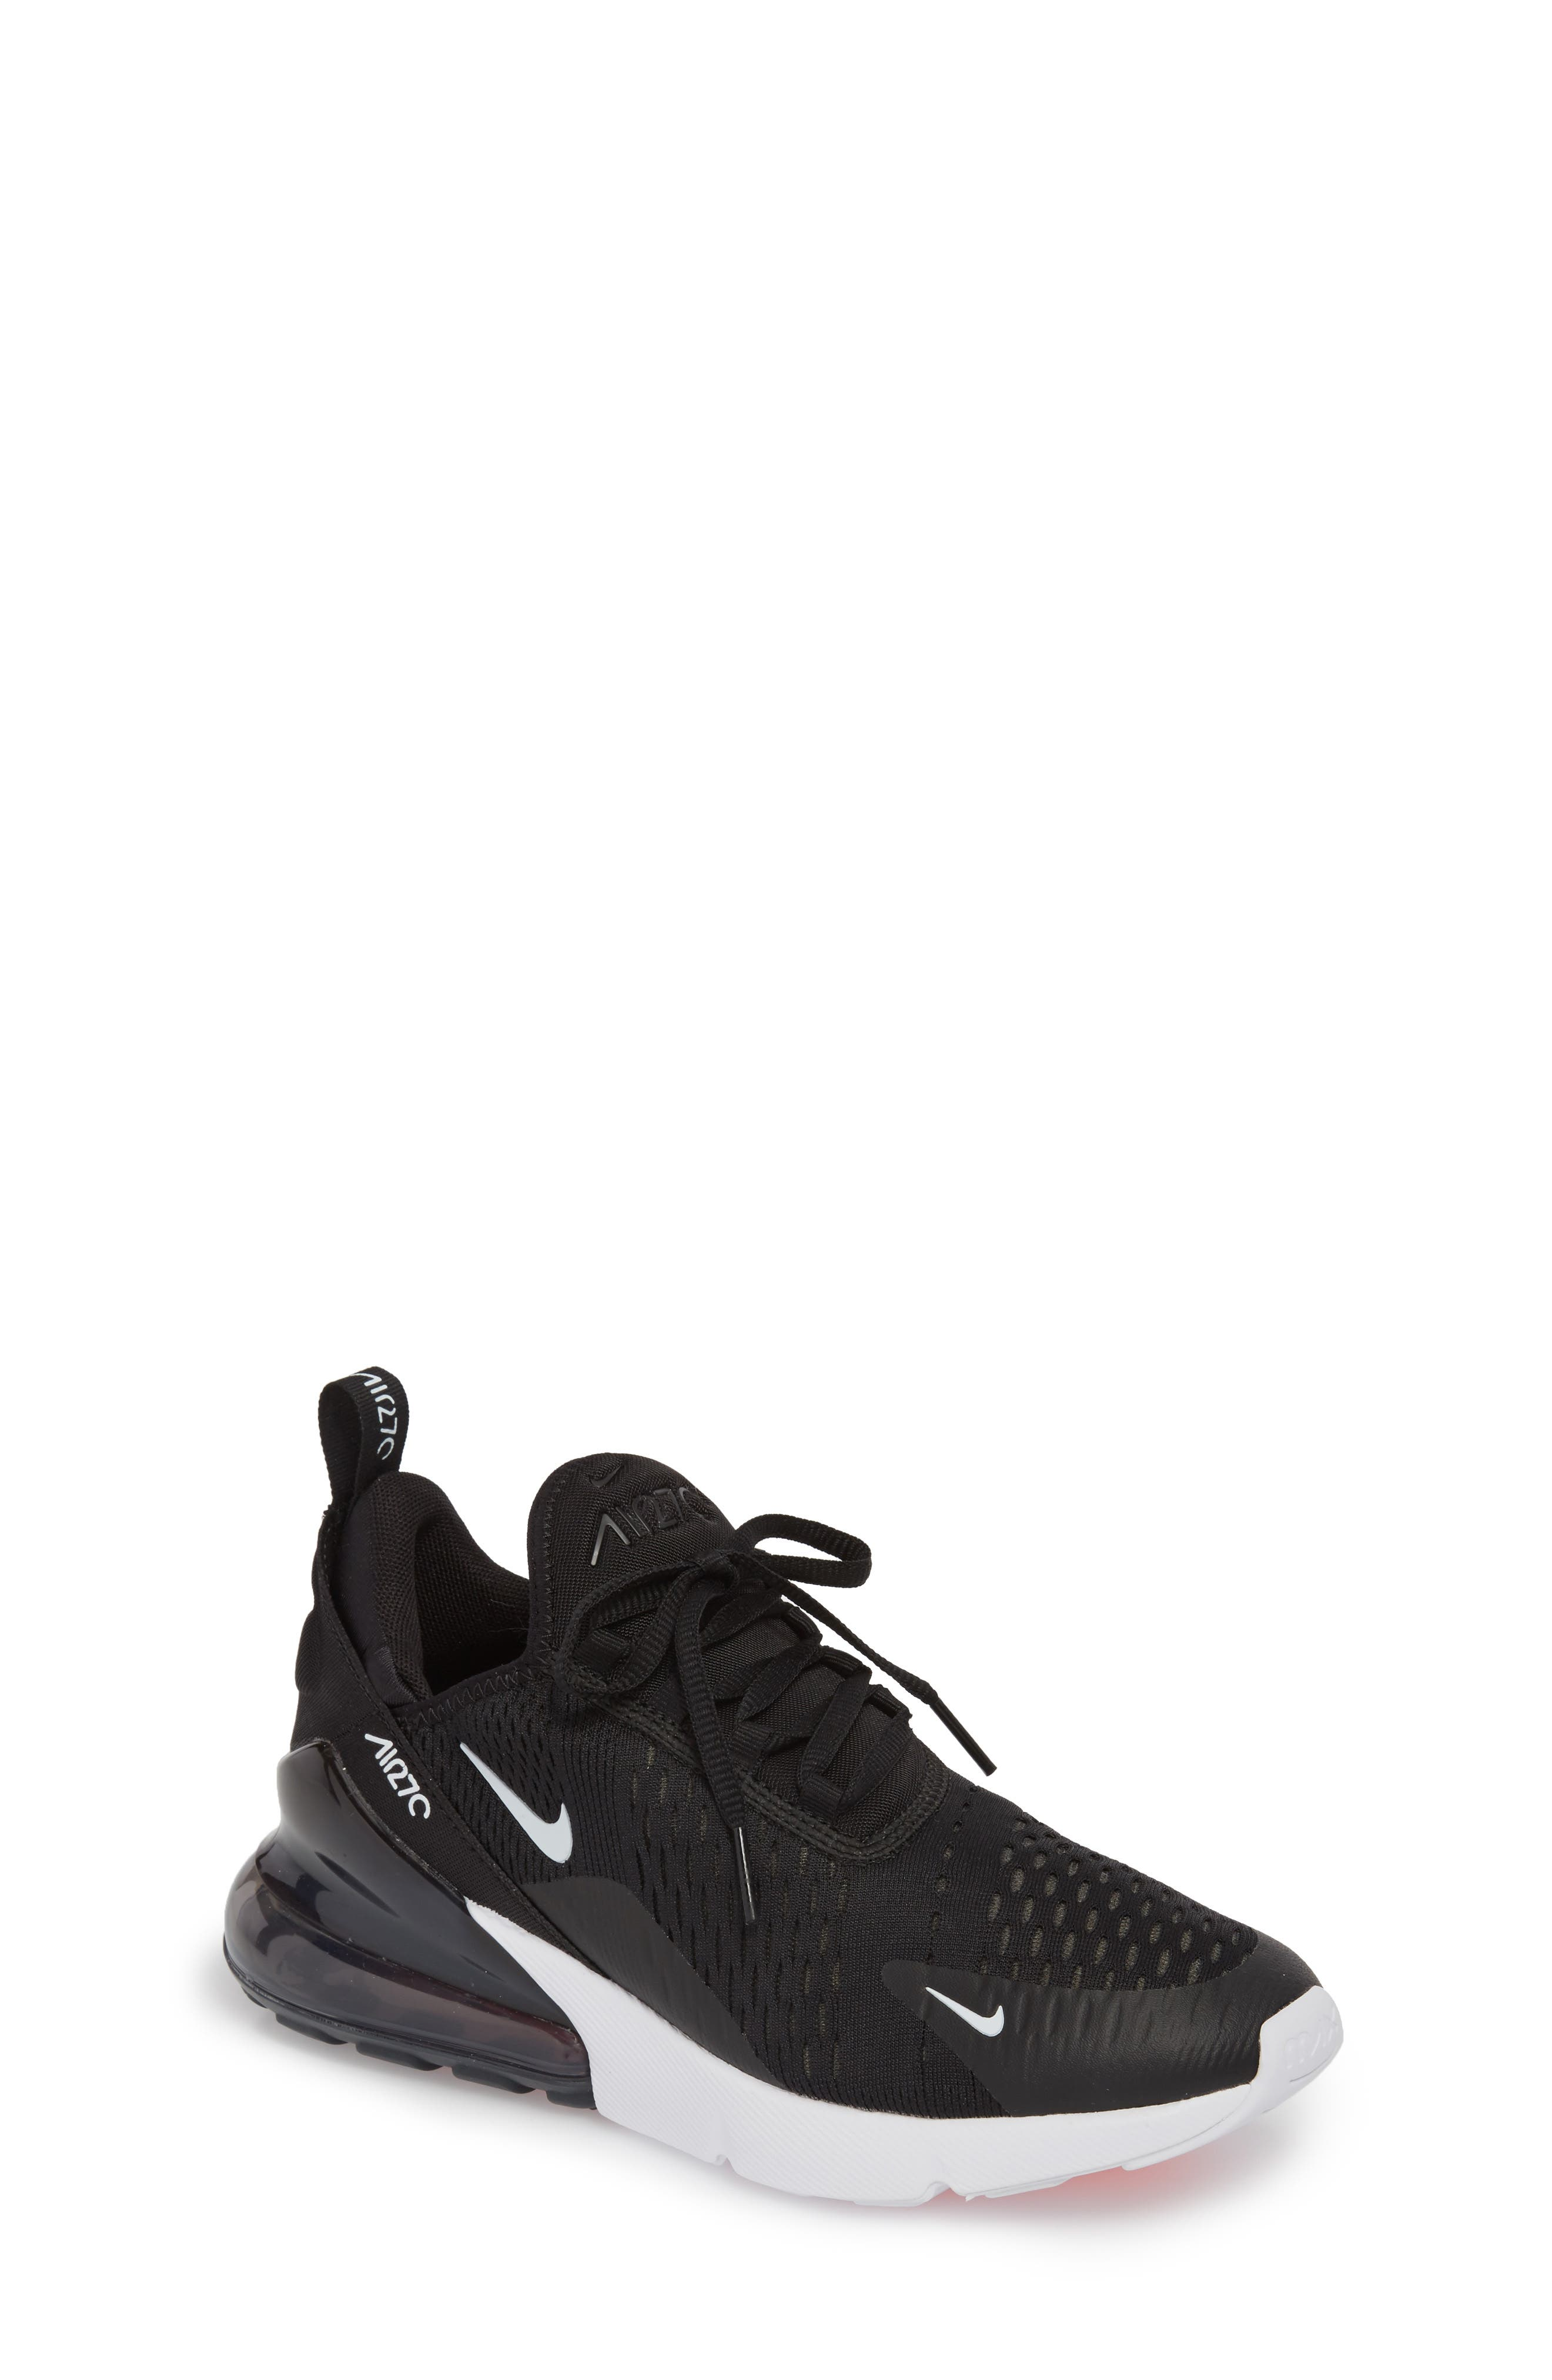 Nike Air Max 270 Sneaker (Big Kid)